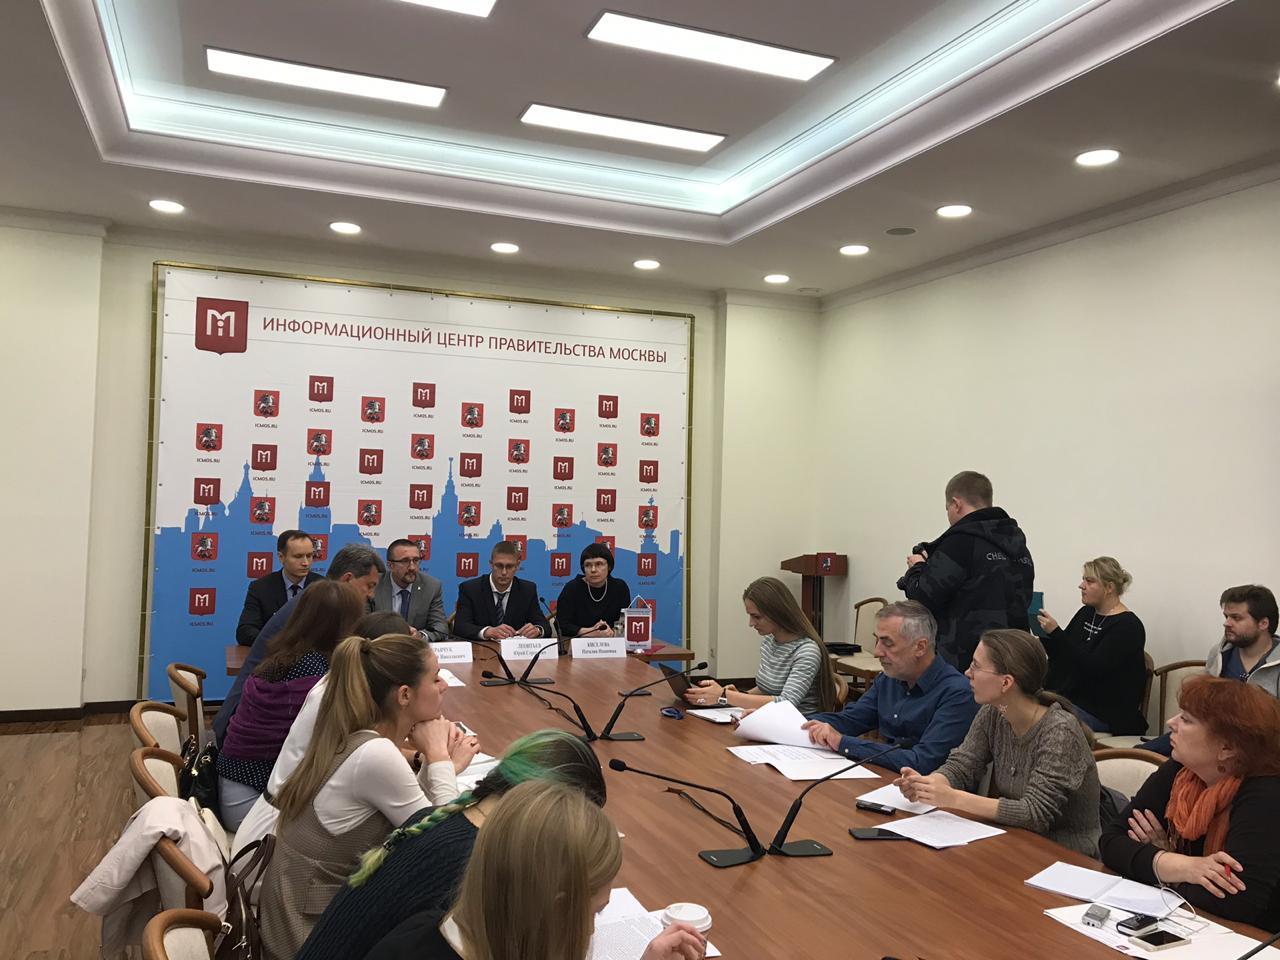 Экологический надзор на строительных объектах обсудили в Правительстве Москвы